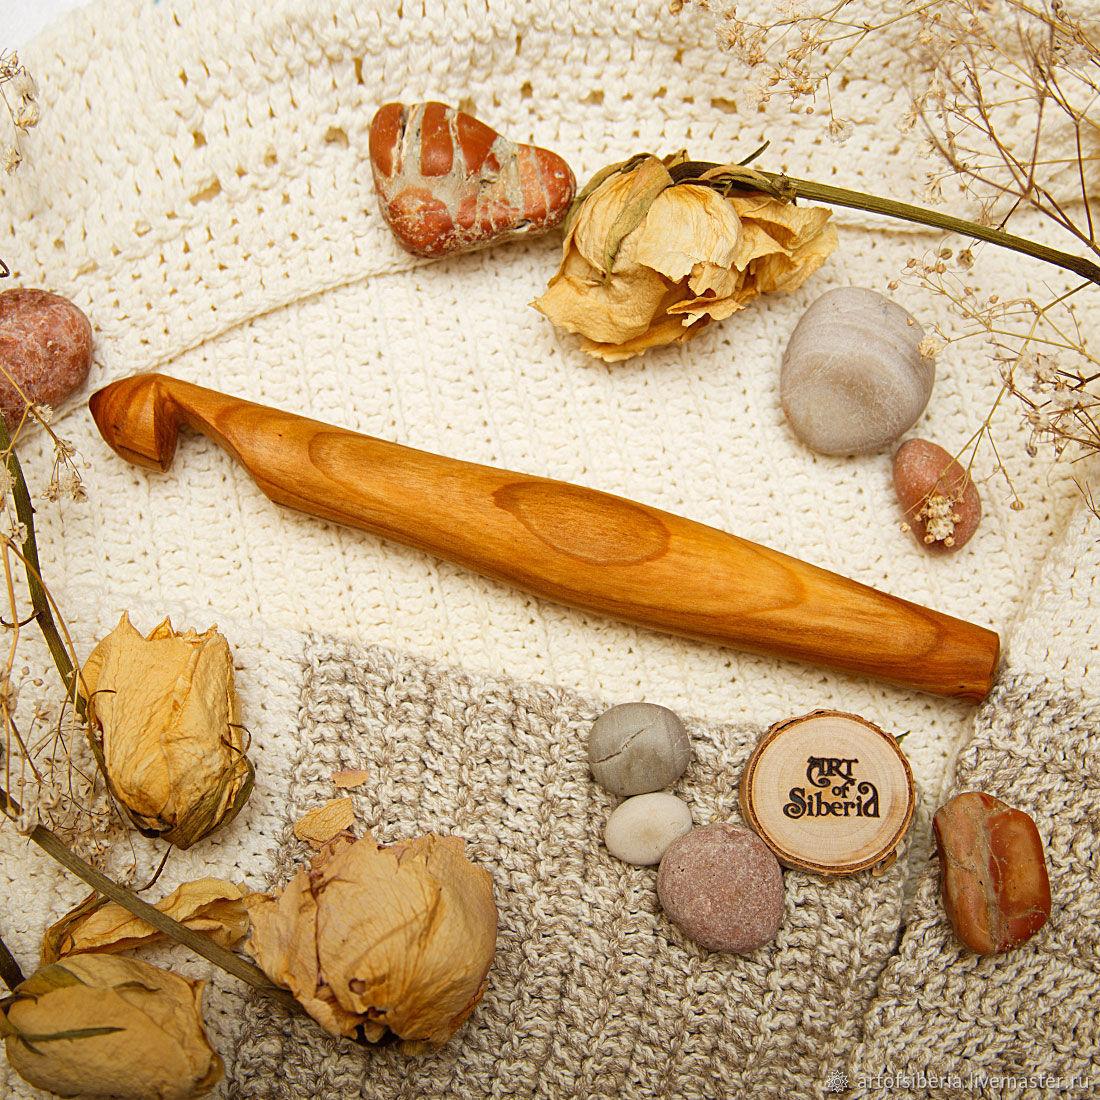 Большой Деревянный Крючок для вязания 19мм Вишня Крючки из дерева #K64, Инструменты, Новокузнецк, Фото №1